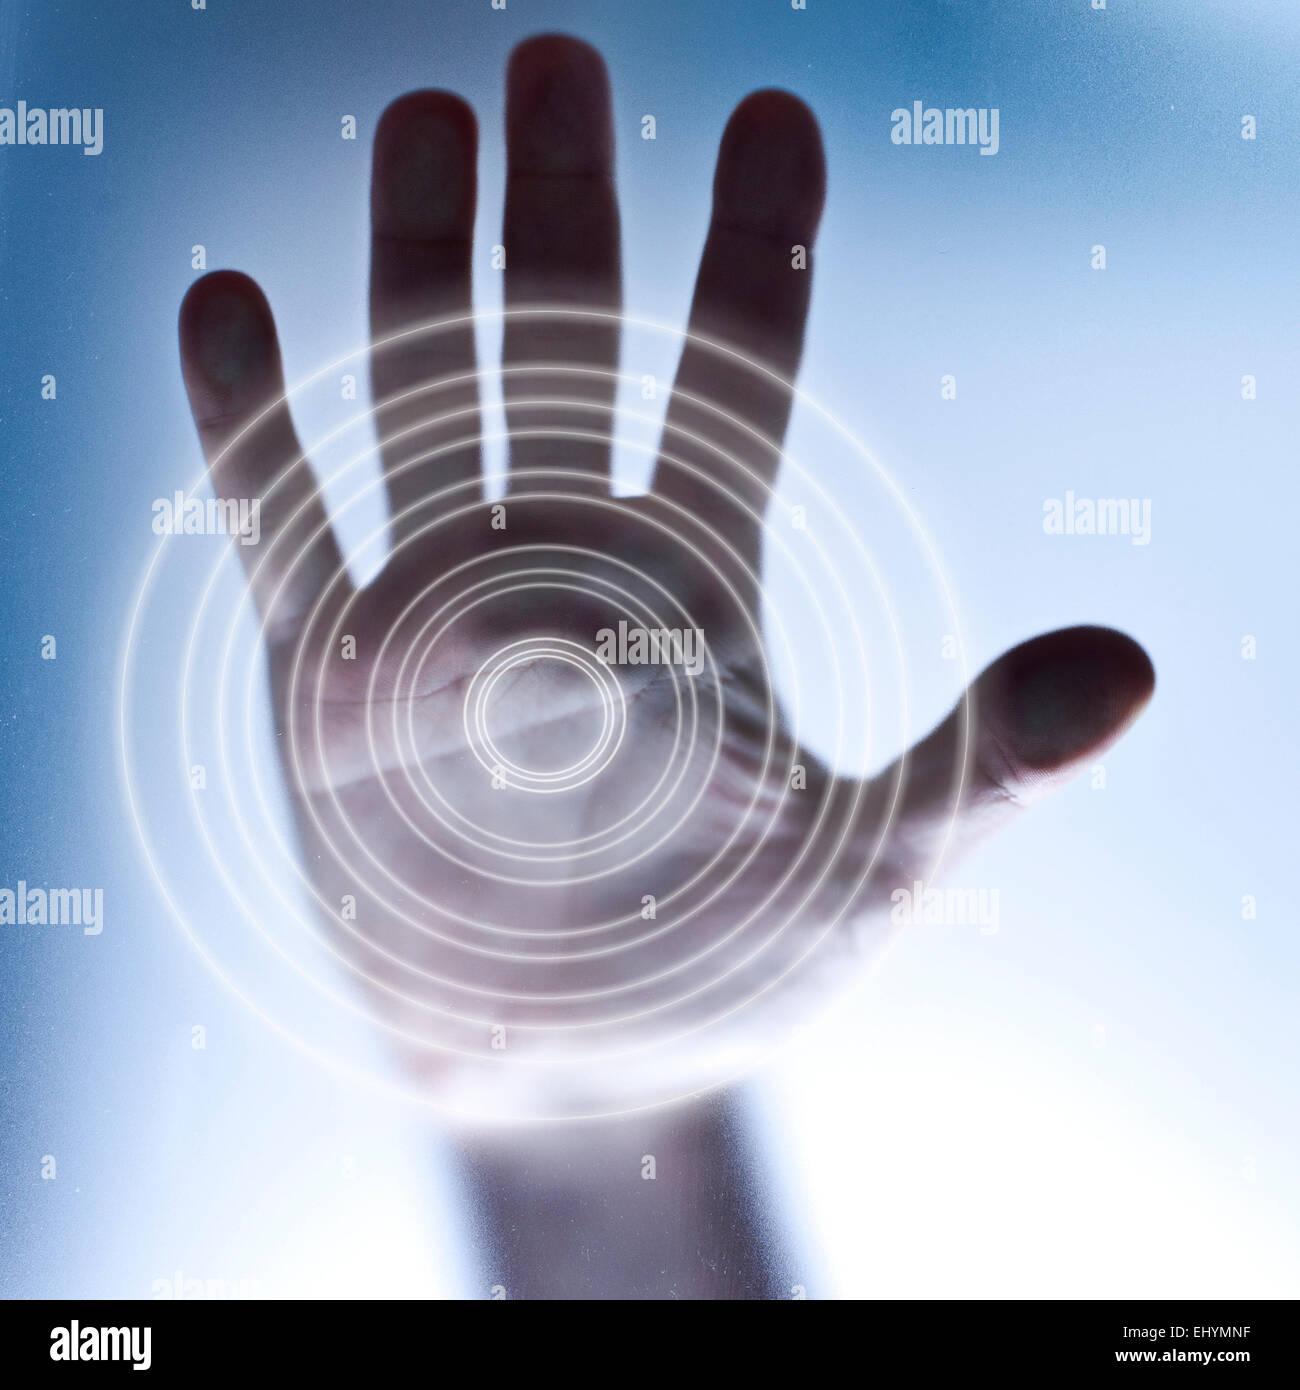 Concepto de pantalla táctil y la tecnología del futuro Imagen De Stock